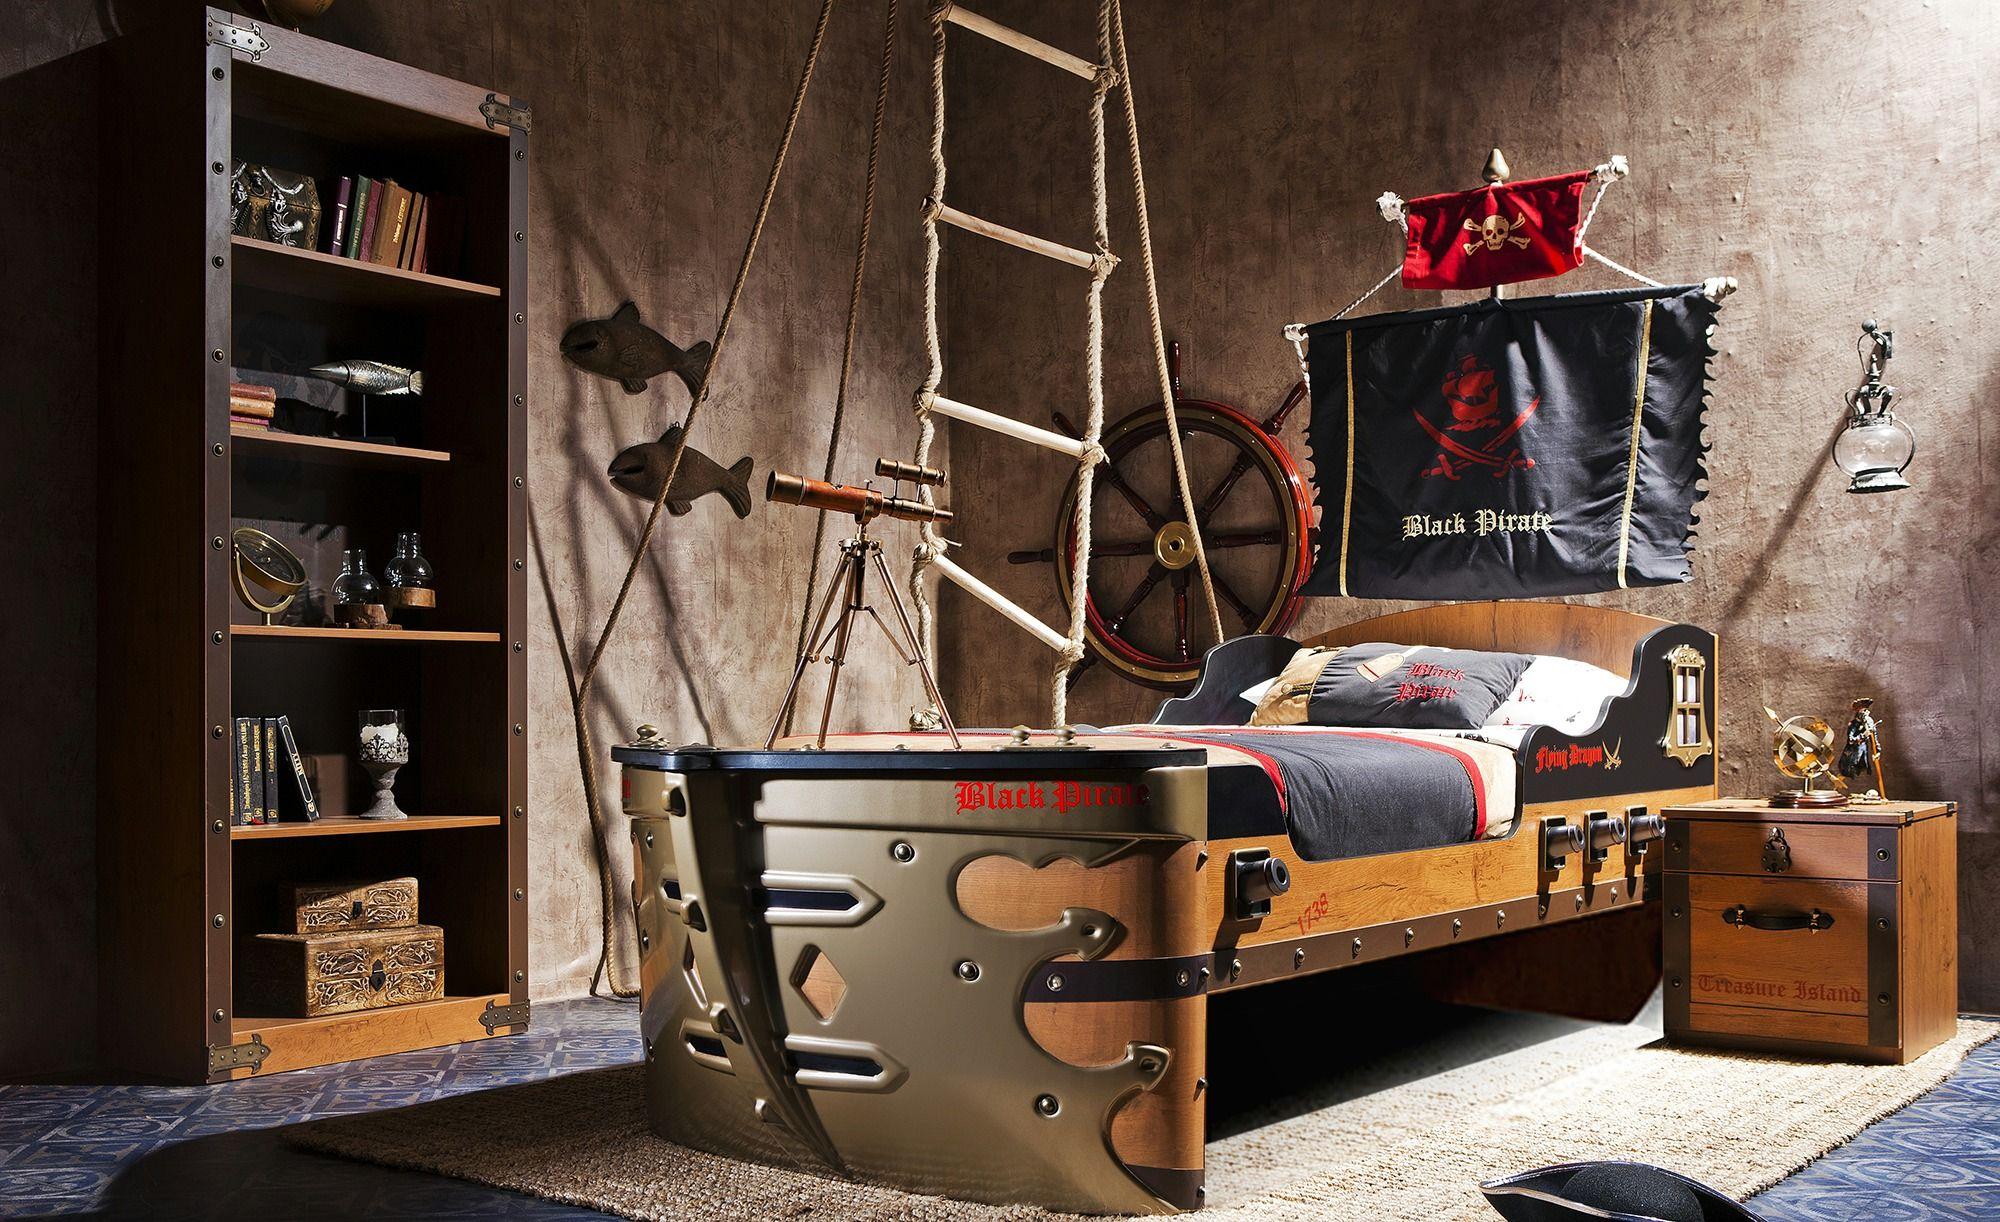 Bett Black Pirate, gefunden bei Möbel Höffner in 2020